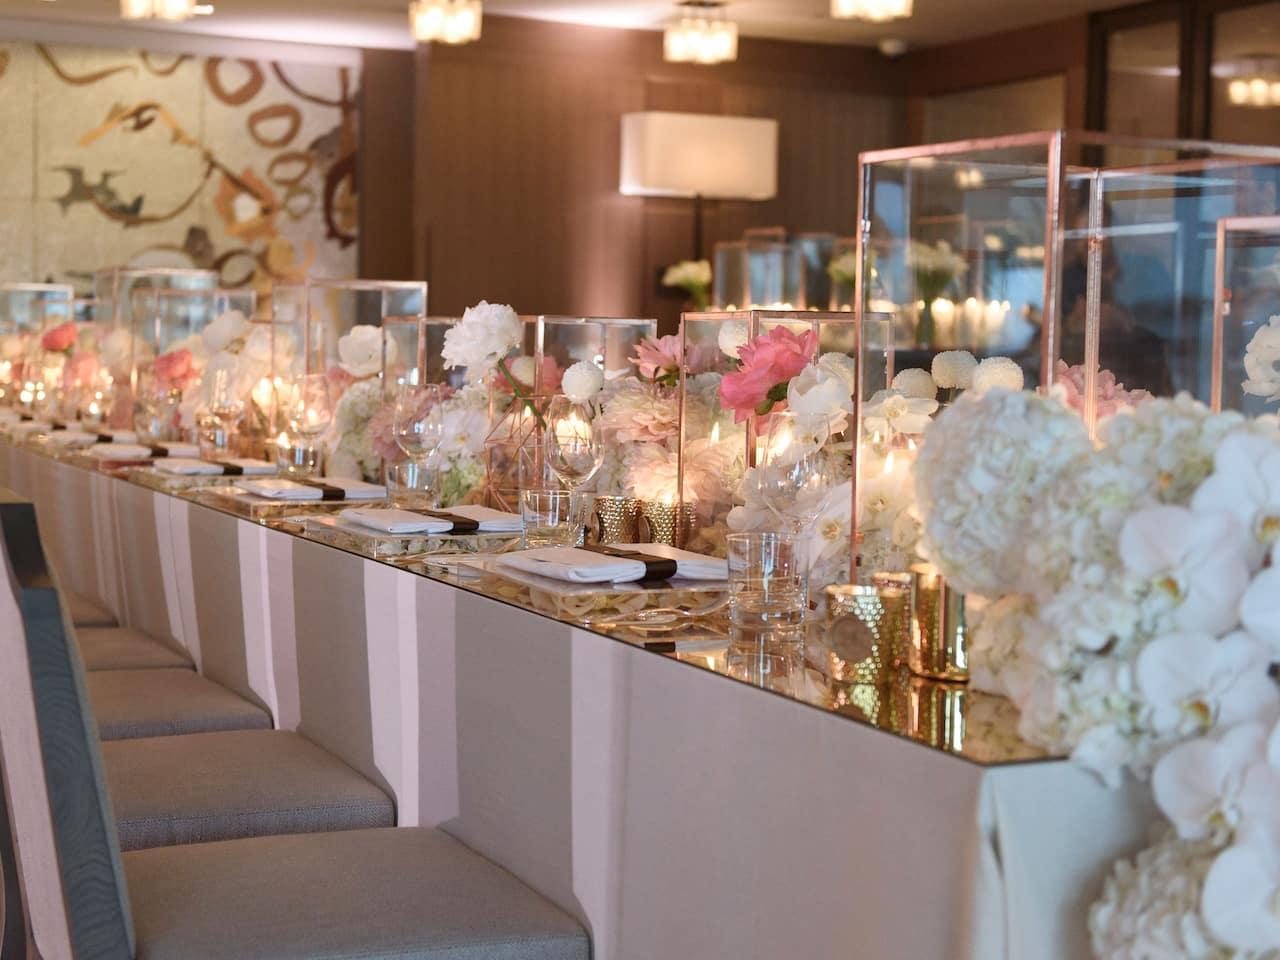 Wedding tables setup